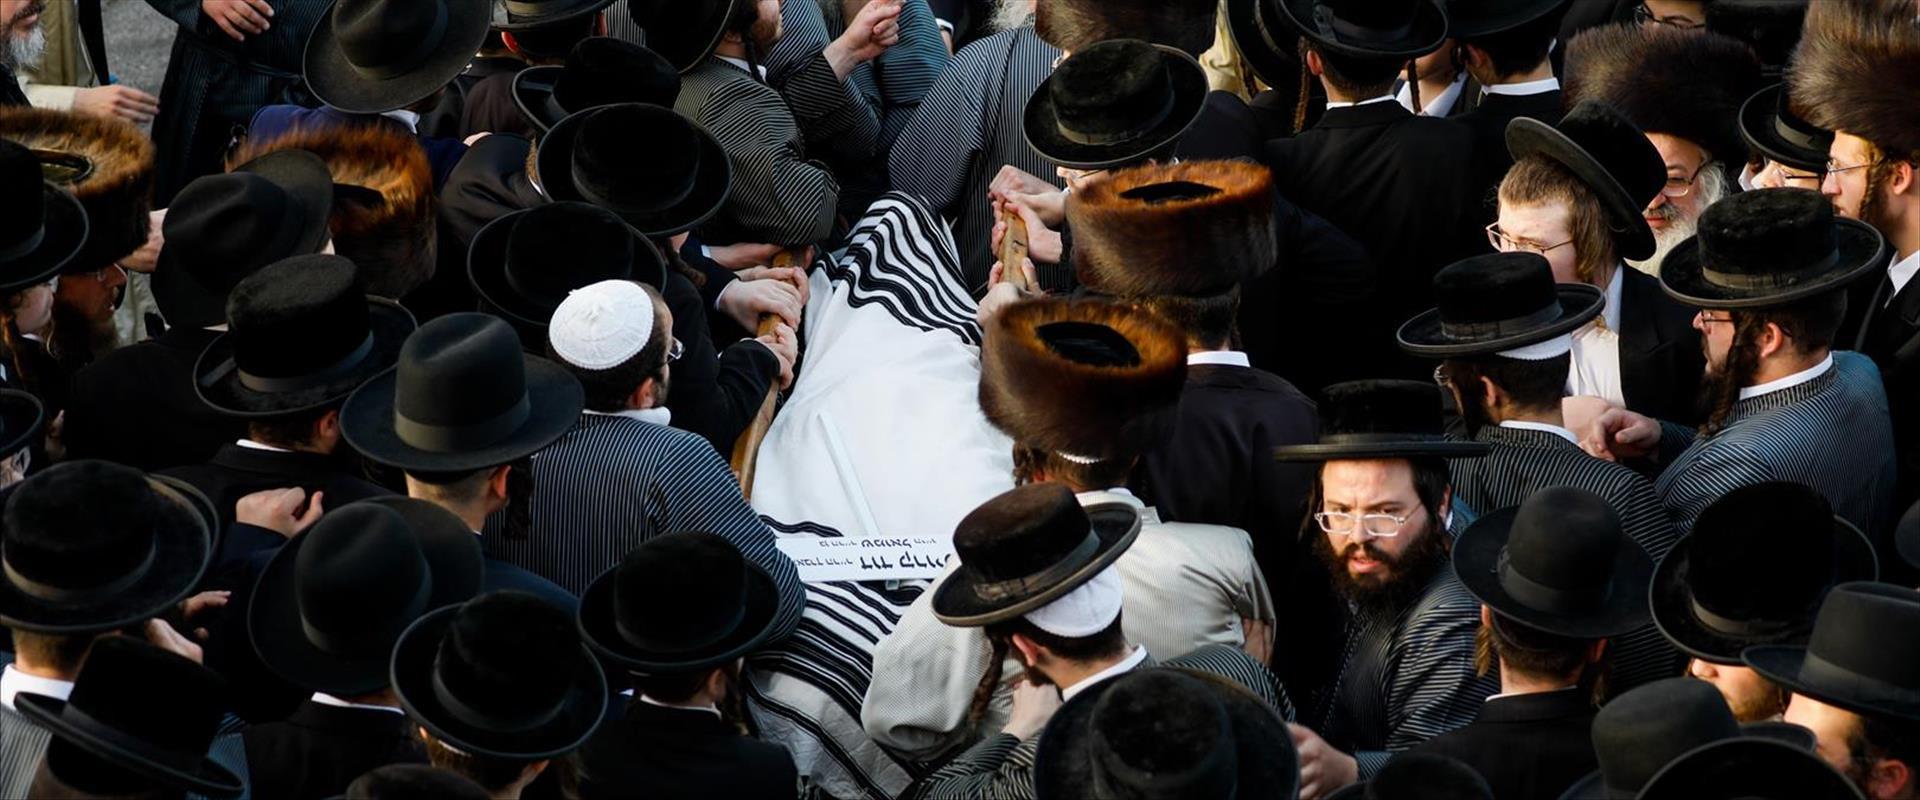 הלוויה המונית לאחד ההרוגים באסון במירון